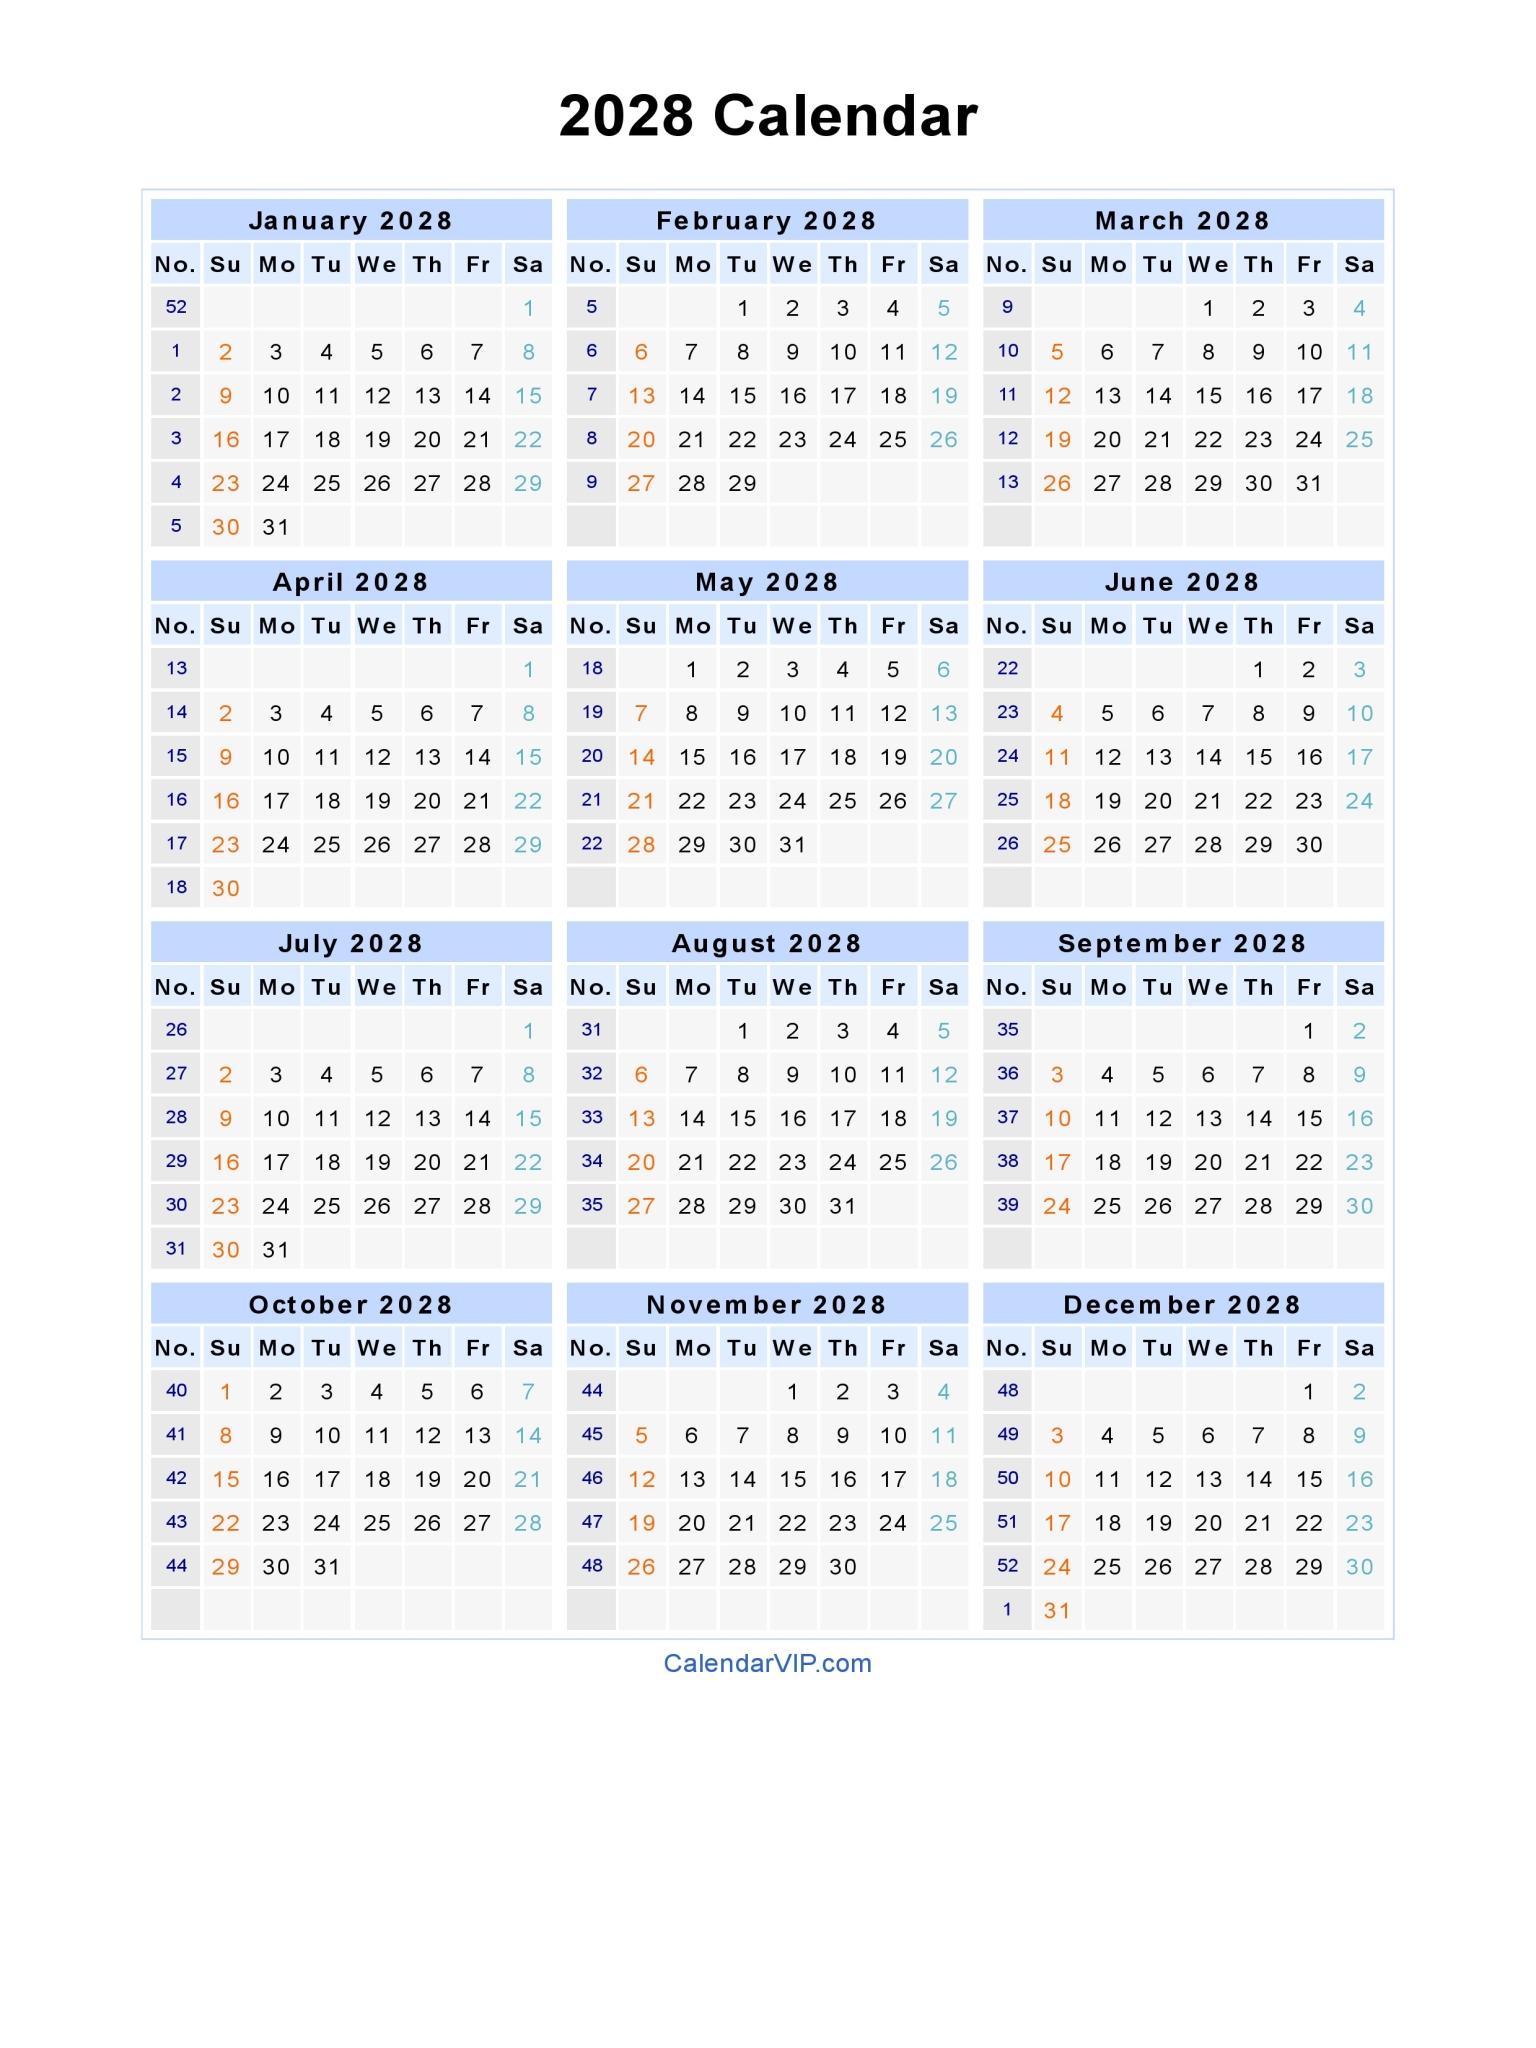 2028 Calendar - Blank Printable Calendar Template in PDF Word Excel